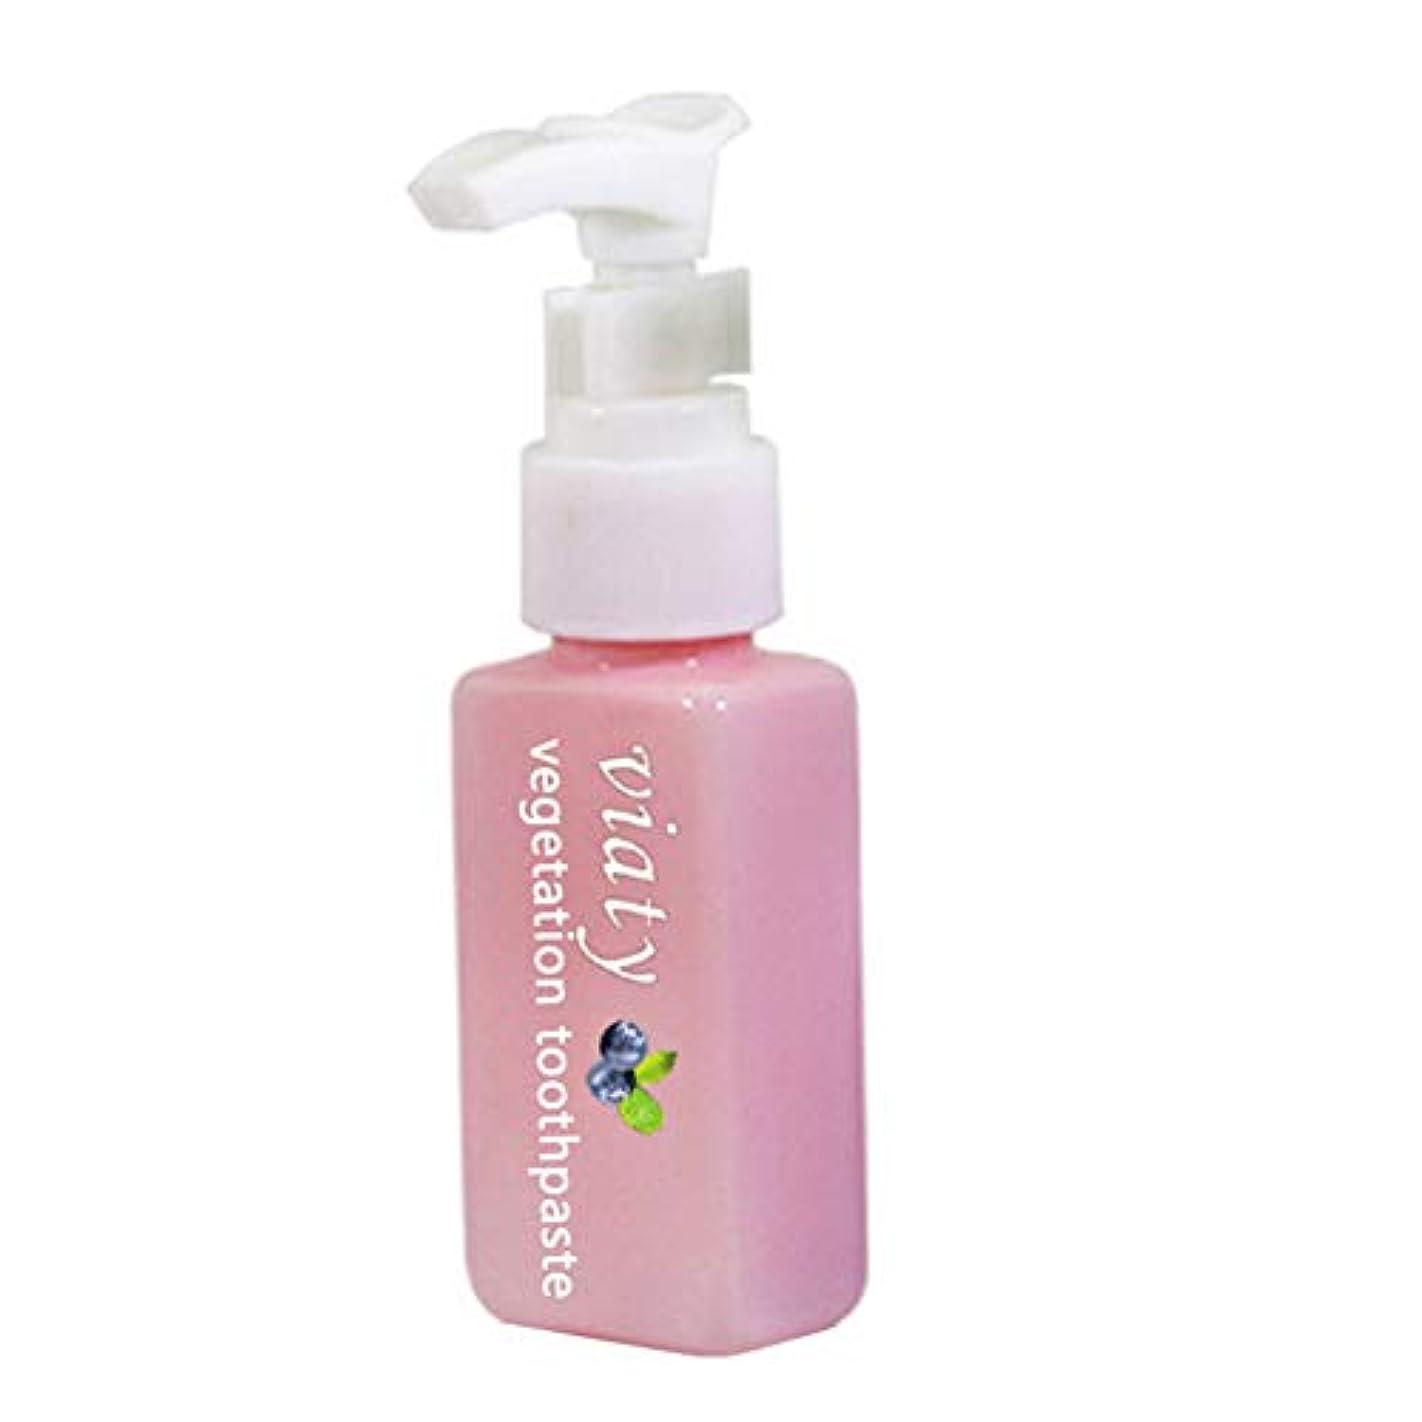 性差別容器アンビエントJanusSaja歯磨き粉アンチブリードガムプレスタイプ新鮮な歯磨き粉を白くする汚れ除去剤